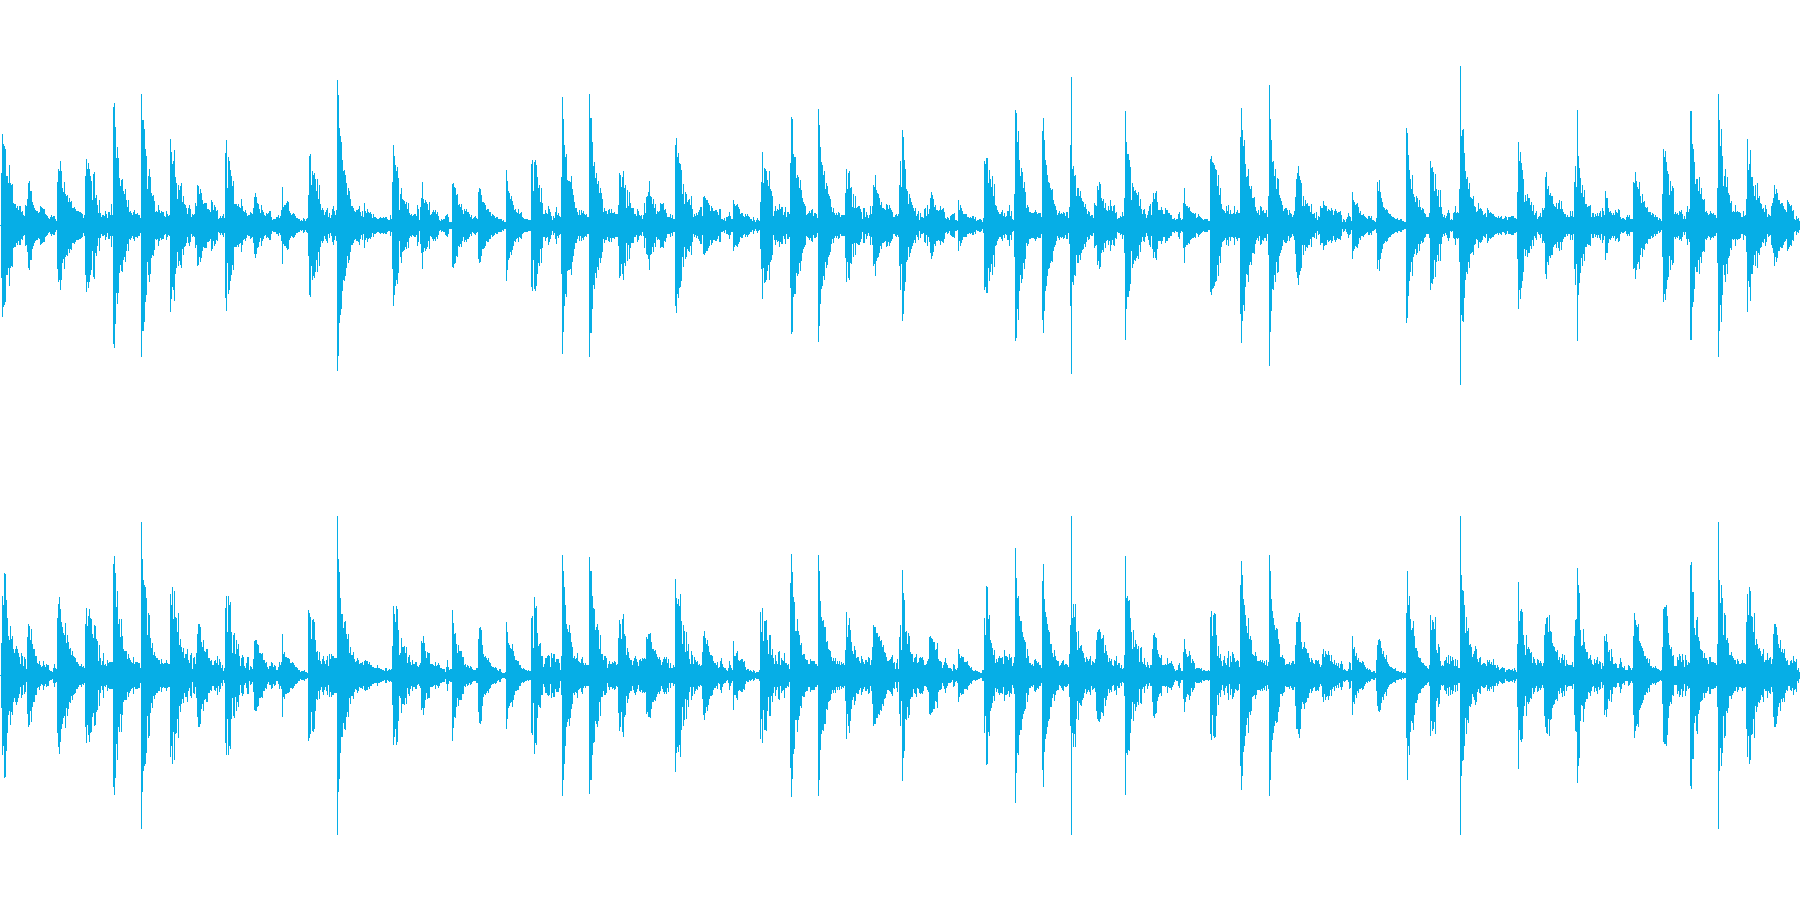 ドラムループ の再生済みの波形